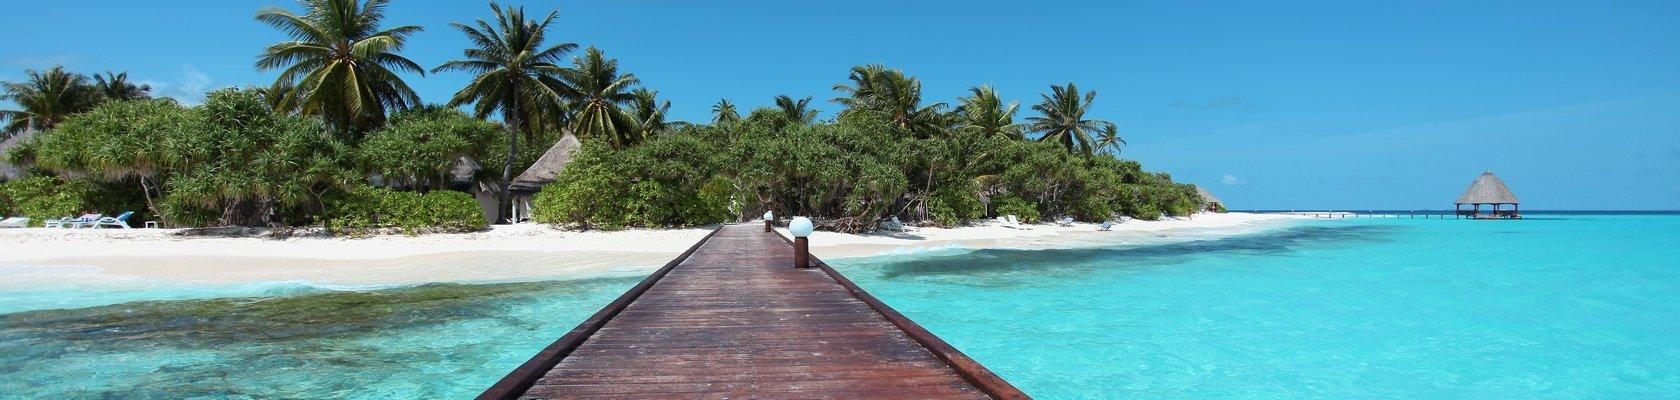 Tropisch genieten, Malediven